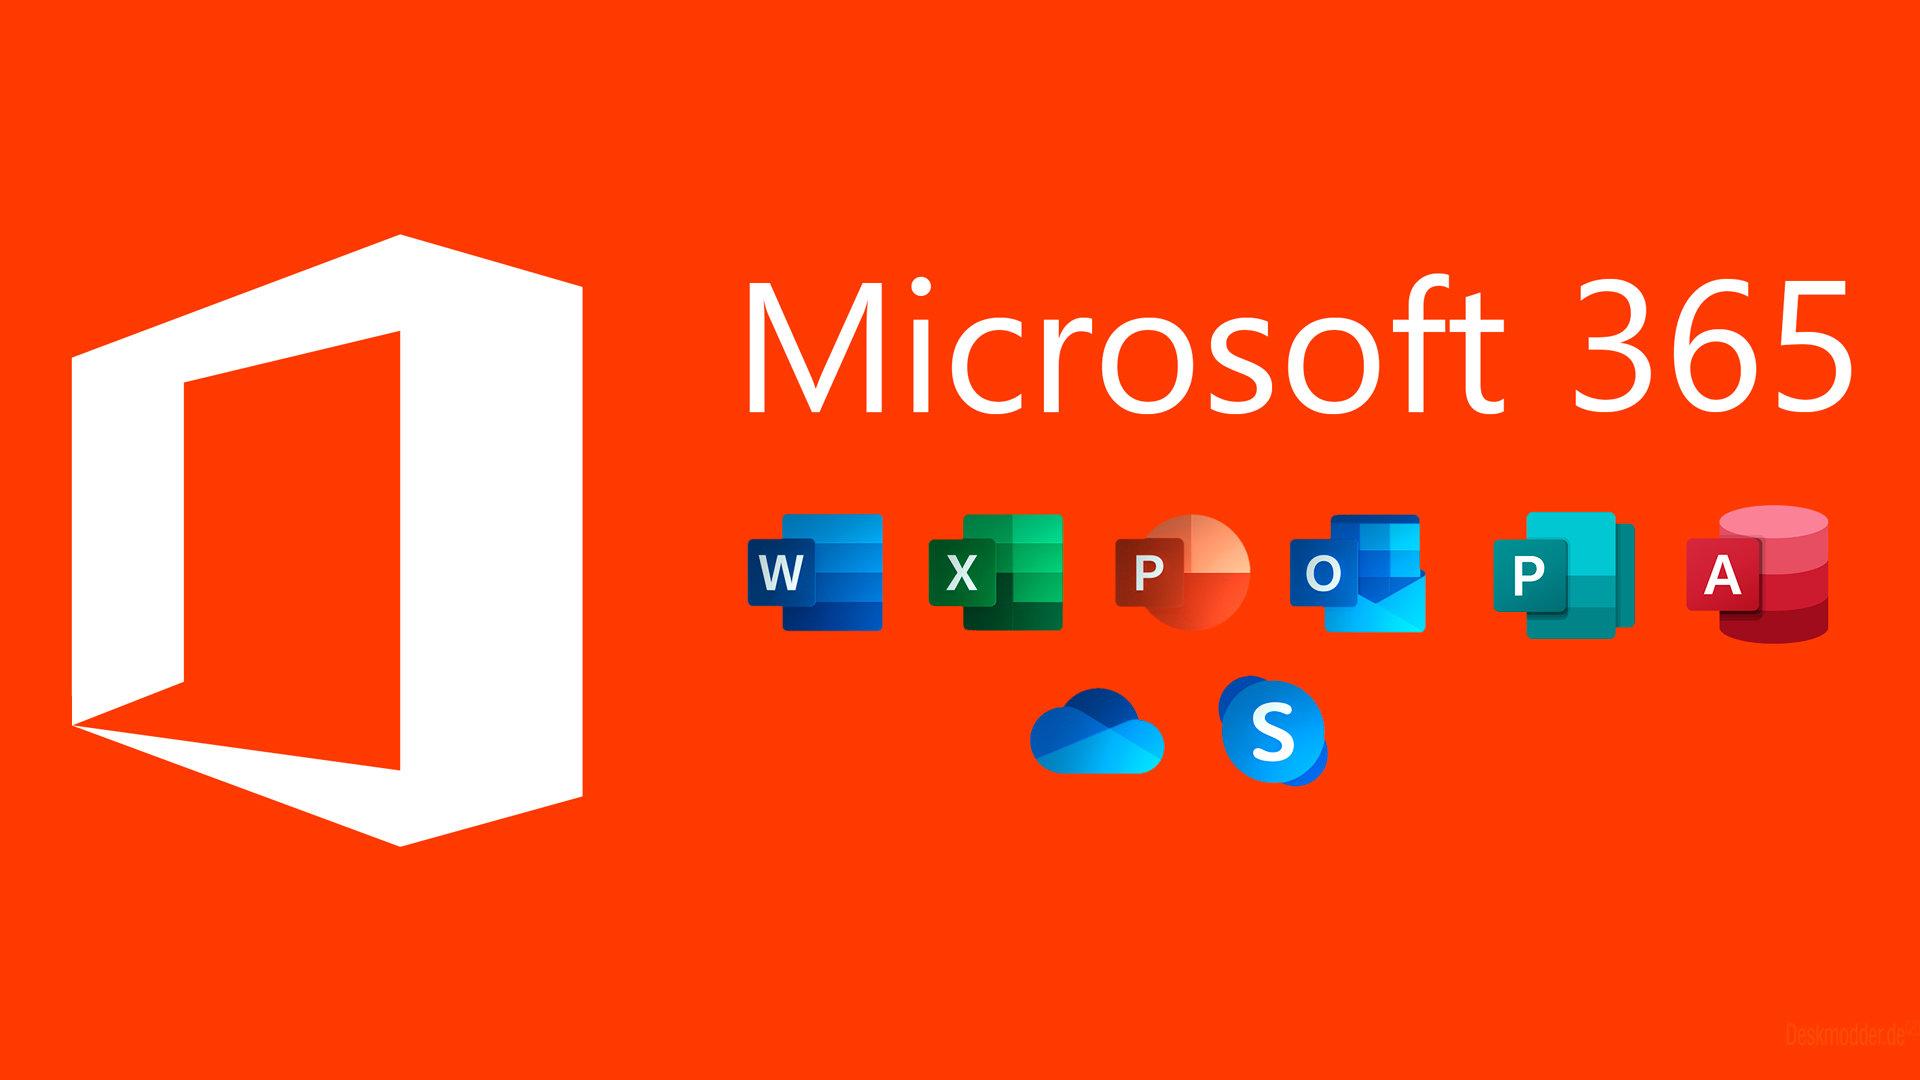 Microsoft 365 e office 2019 - e ainda office na web - comparações e preços neste post.